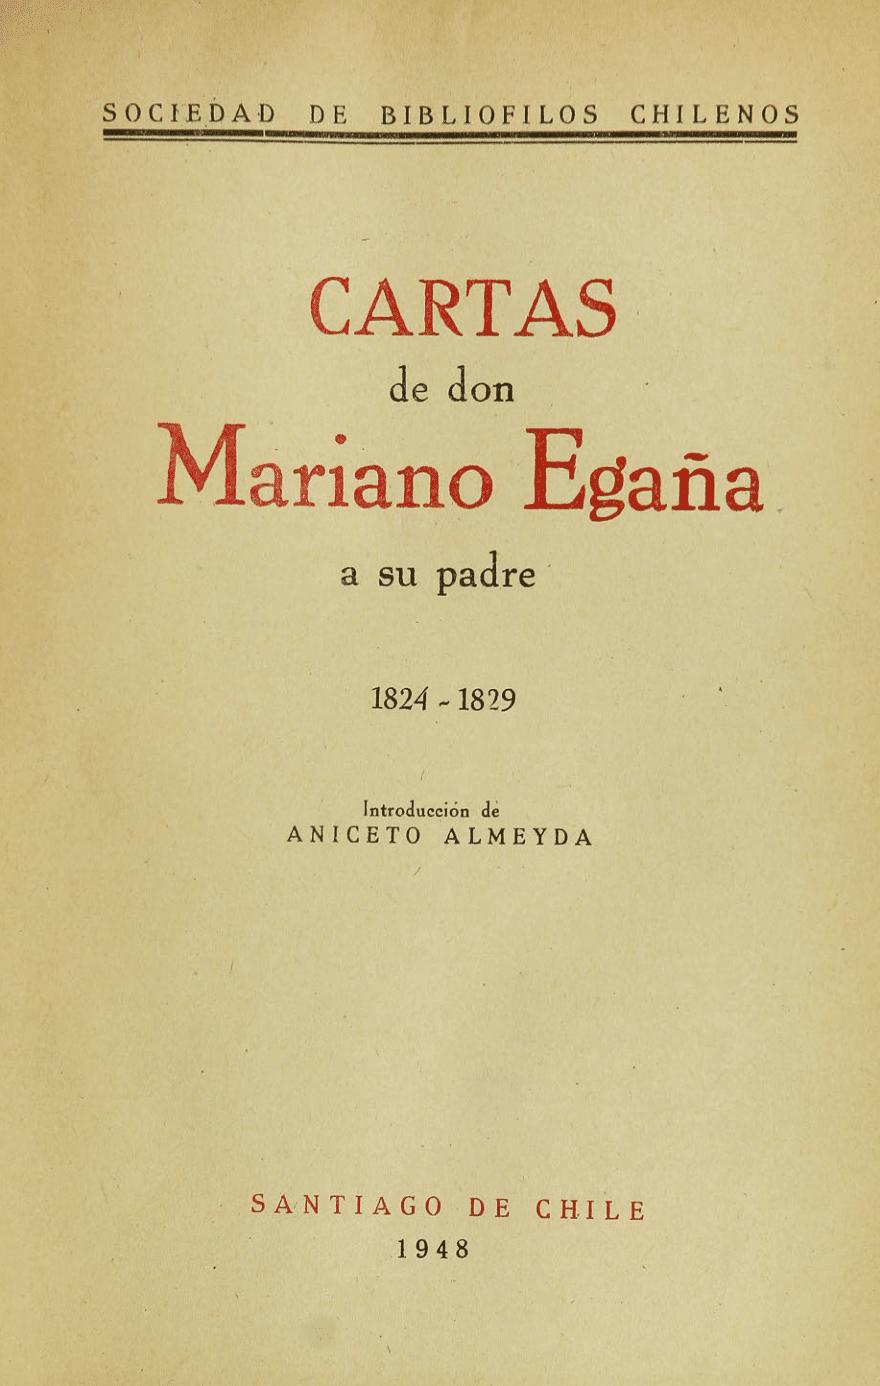 Cartas Mariano Egaña a su padre (1948)